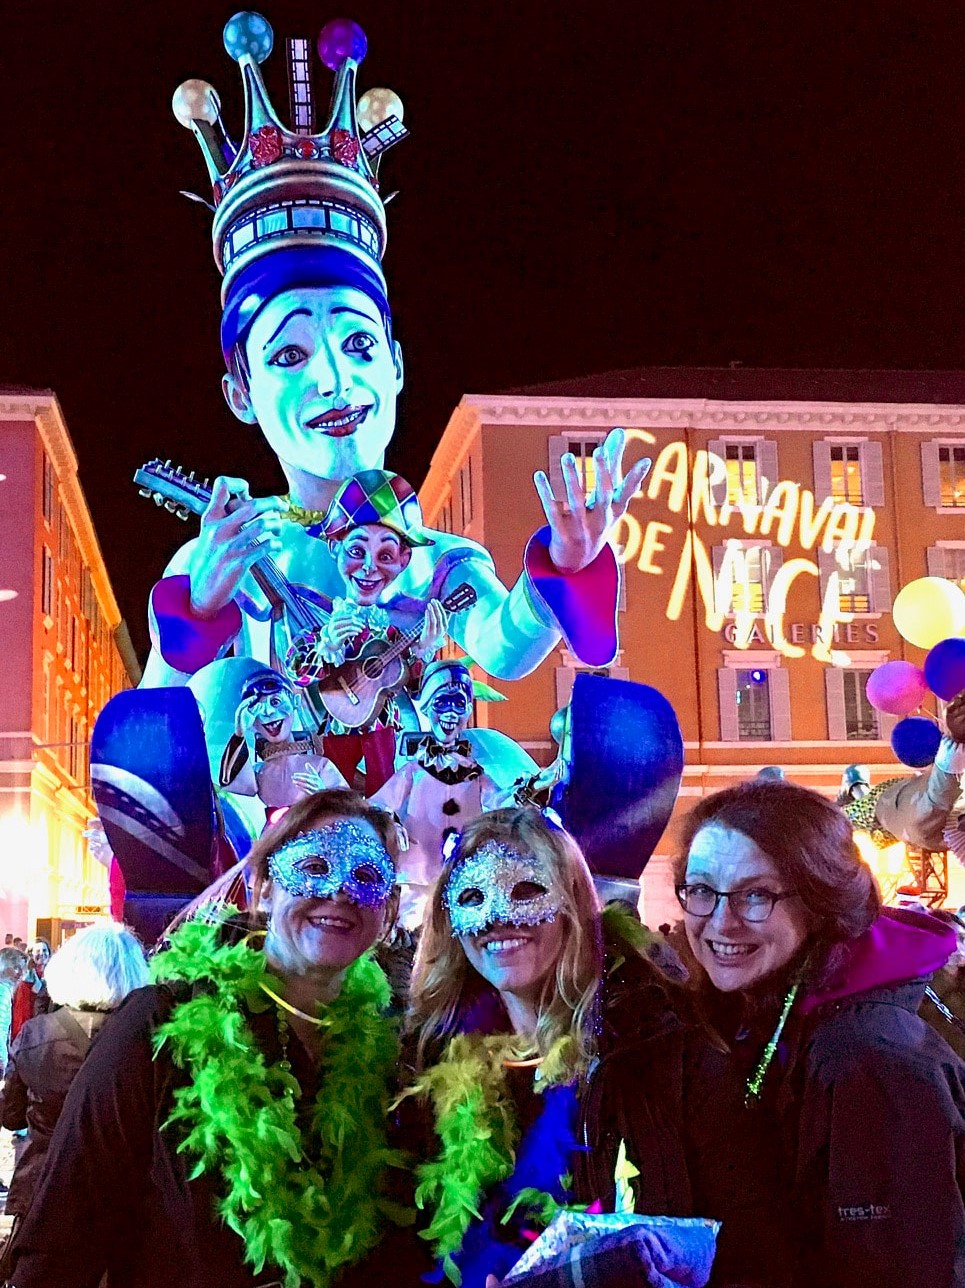 Enchanted Traveler - Nice carnival tour